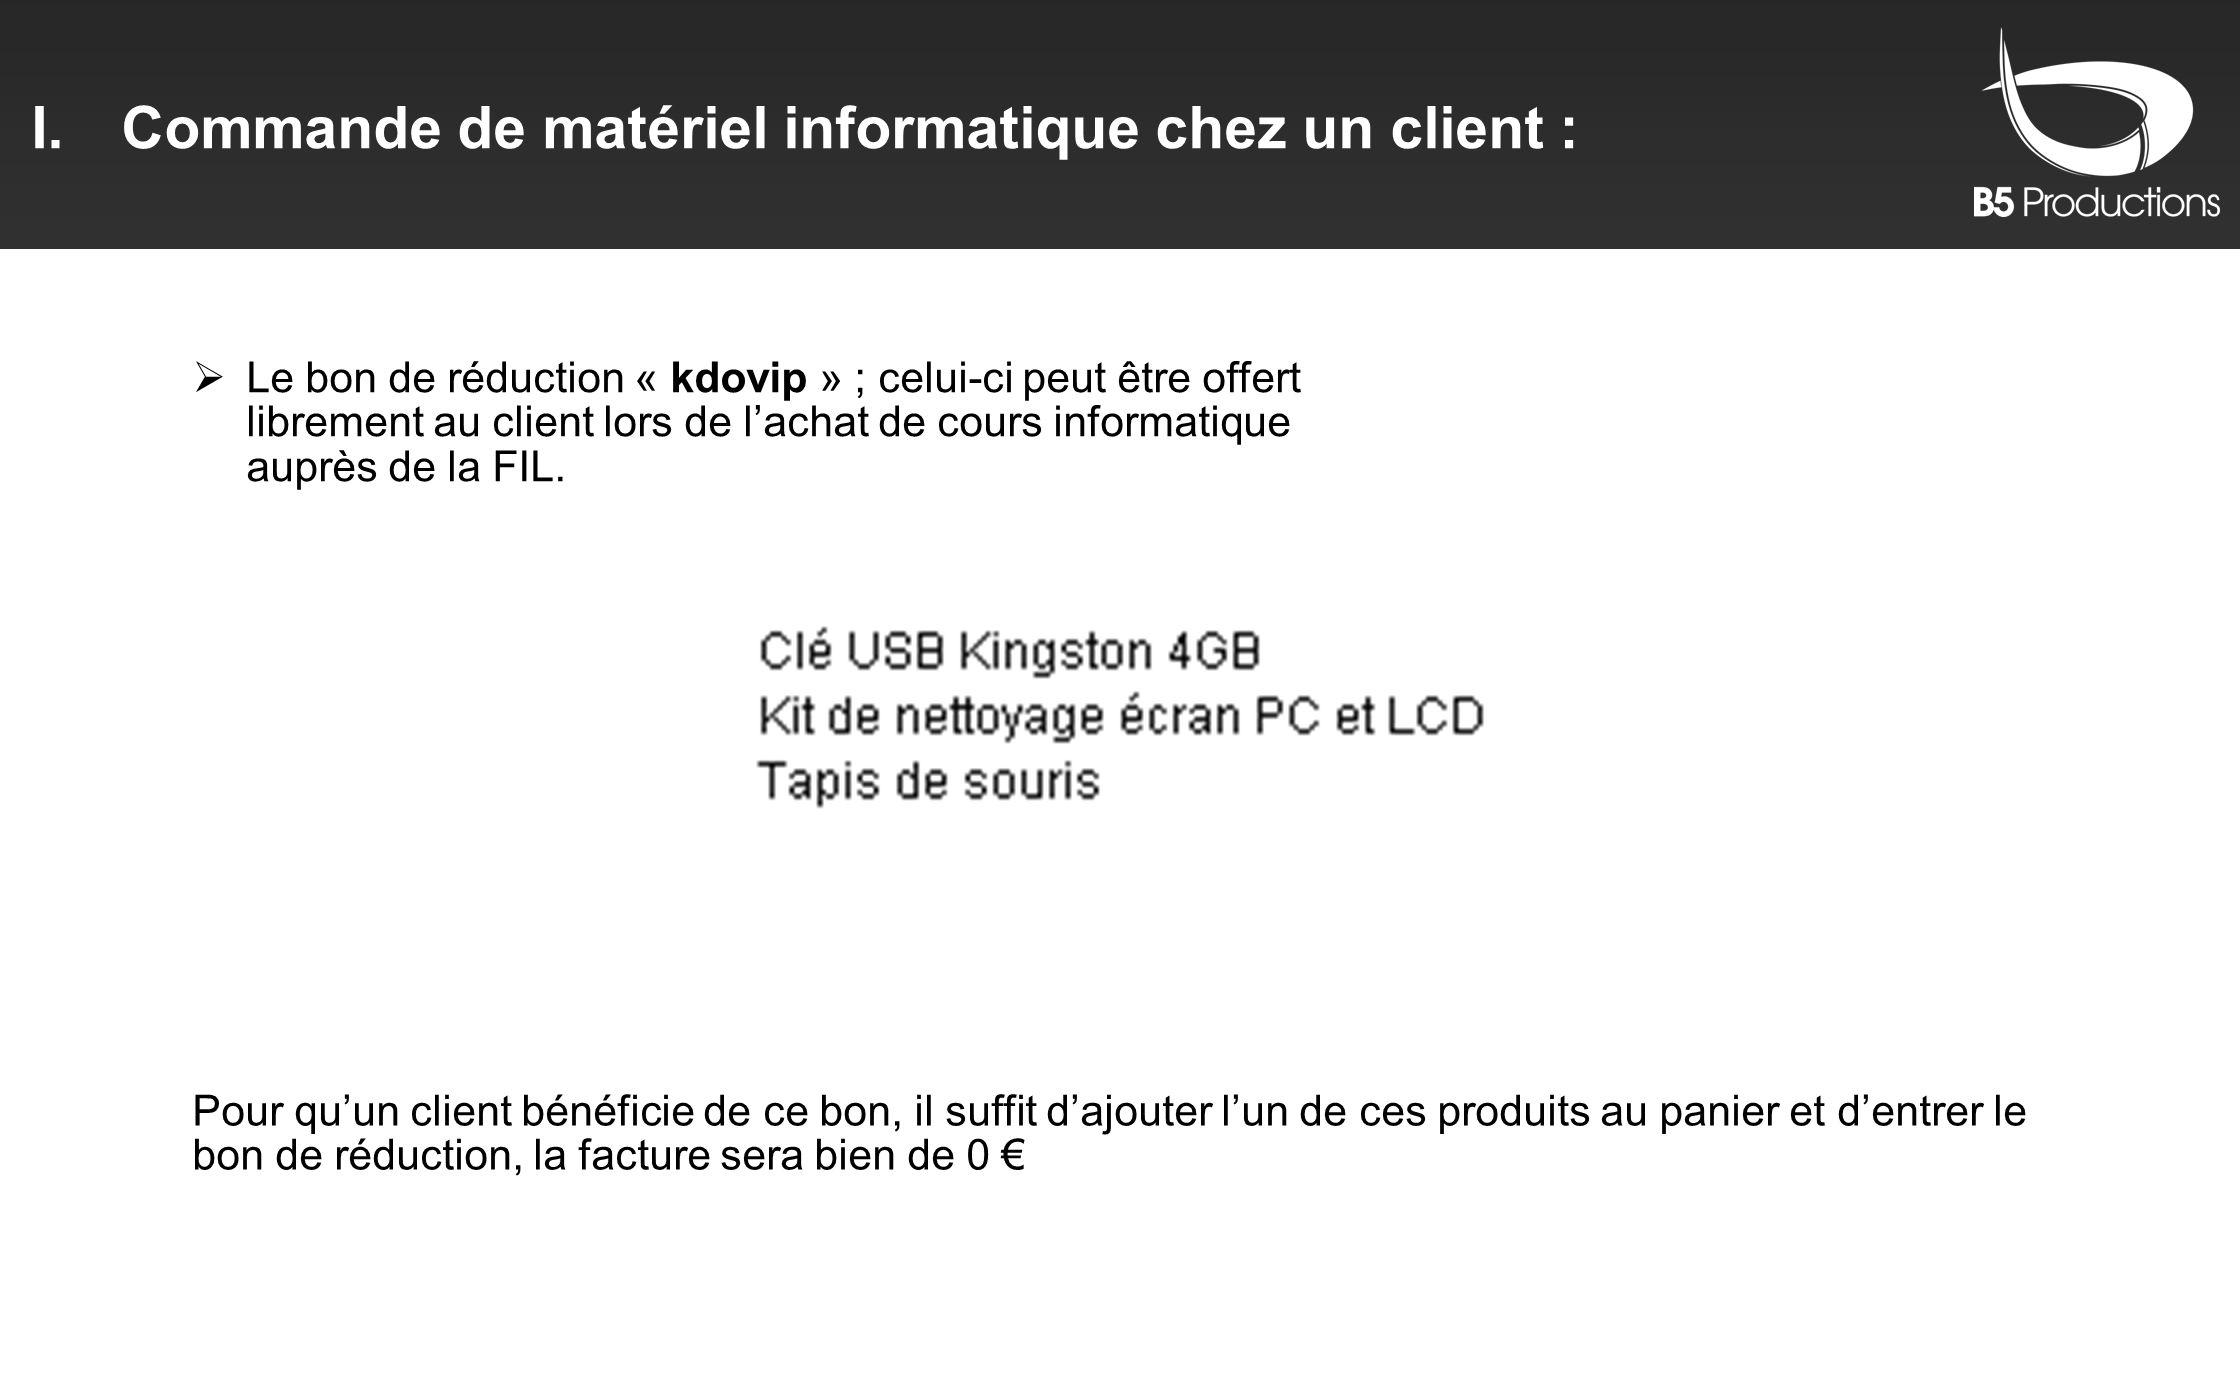 Le bon de réduction « kdovip » ; celui-ci peut être offert librement au client lors de lachat de cours informatique auprès de la FIL. Pour quun client